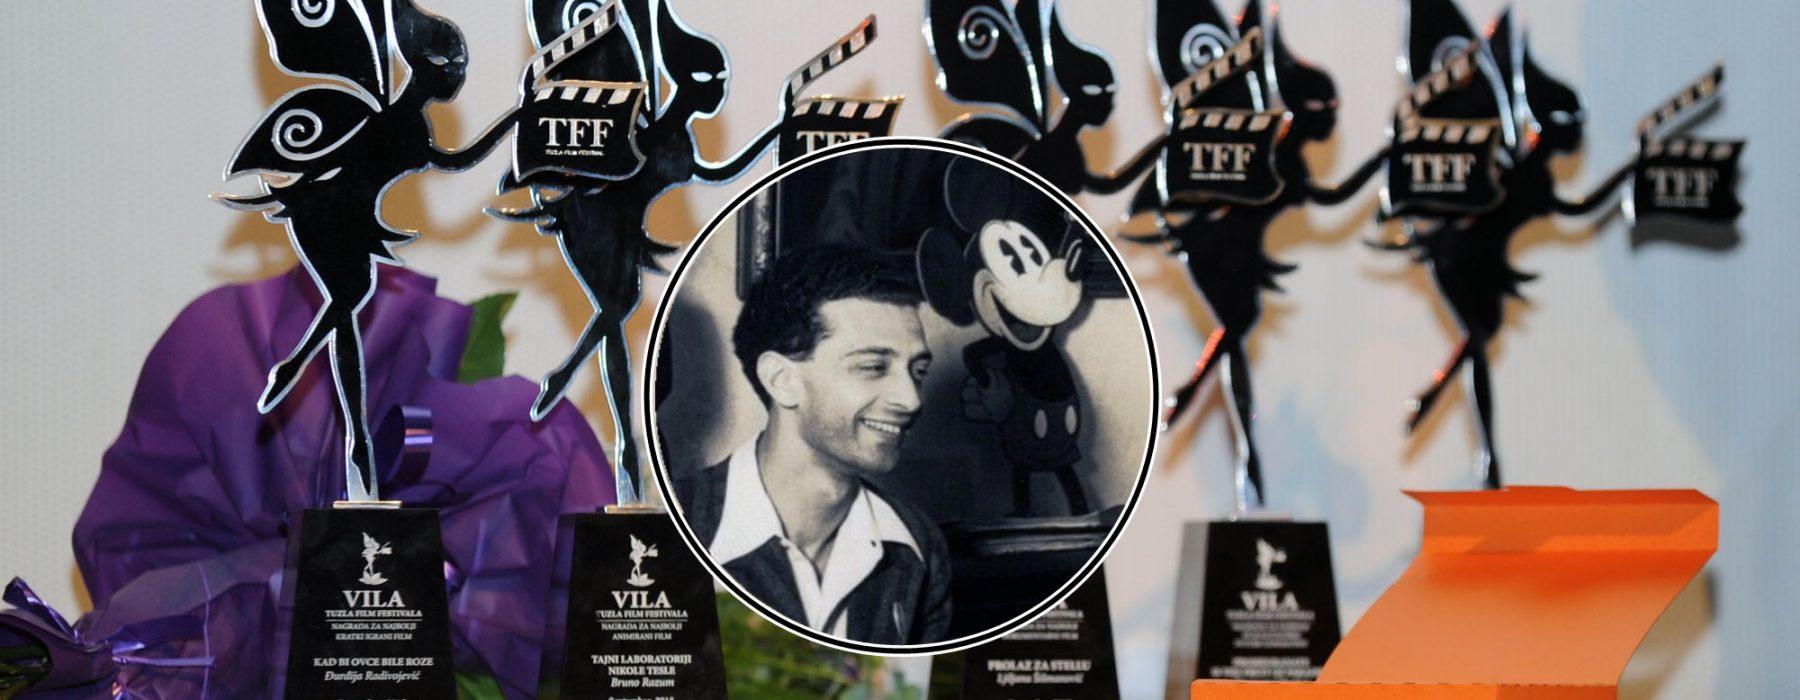 Nagrada za najbolji scenario na 7. TFF-u nosit će naziv Otto Englander